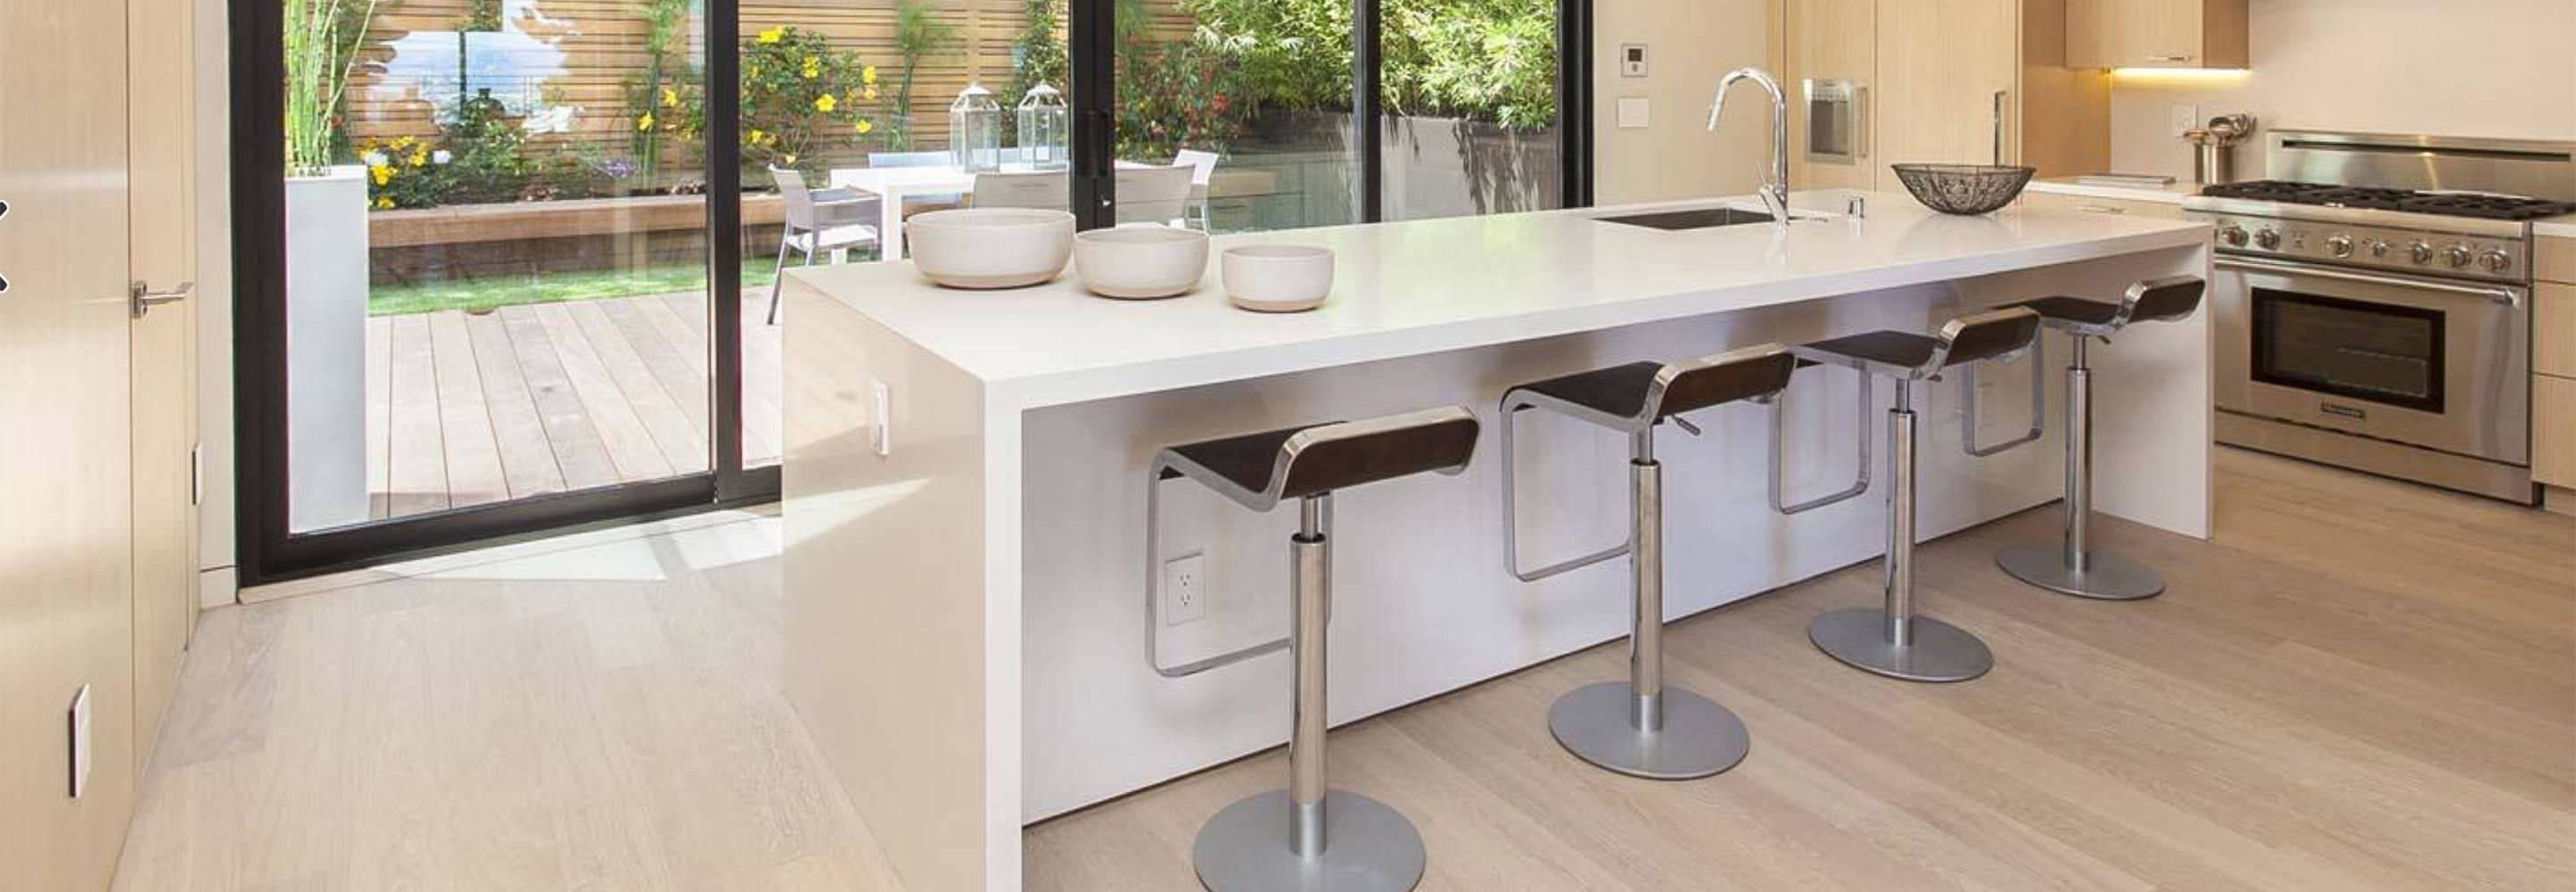 Lem Piston Modern Barstool